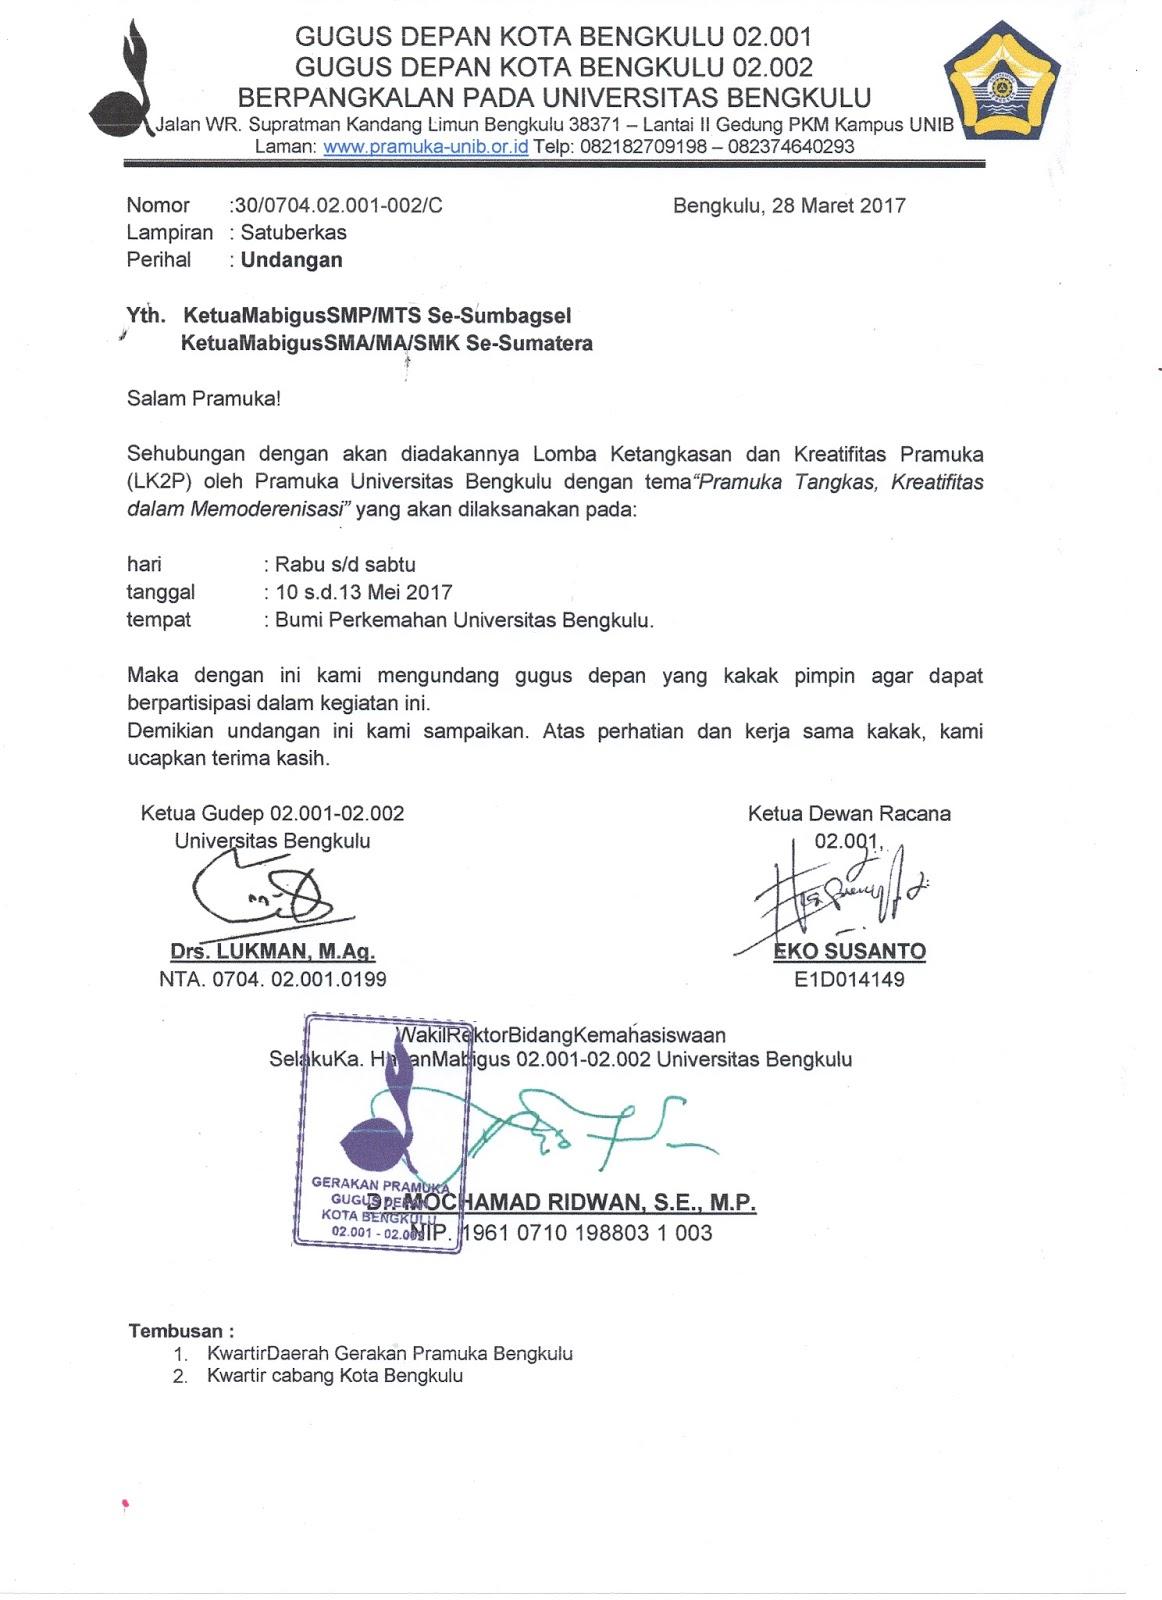 Contoh Surat Undangan Resmi Organisasi Pramuka Suratmenyurat Net